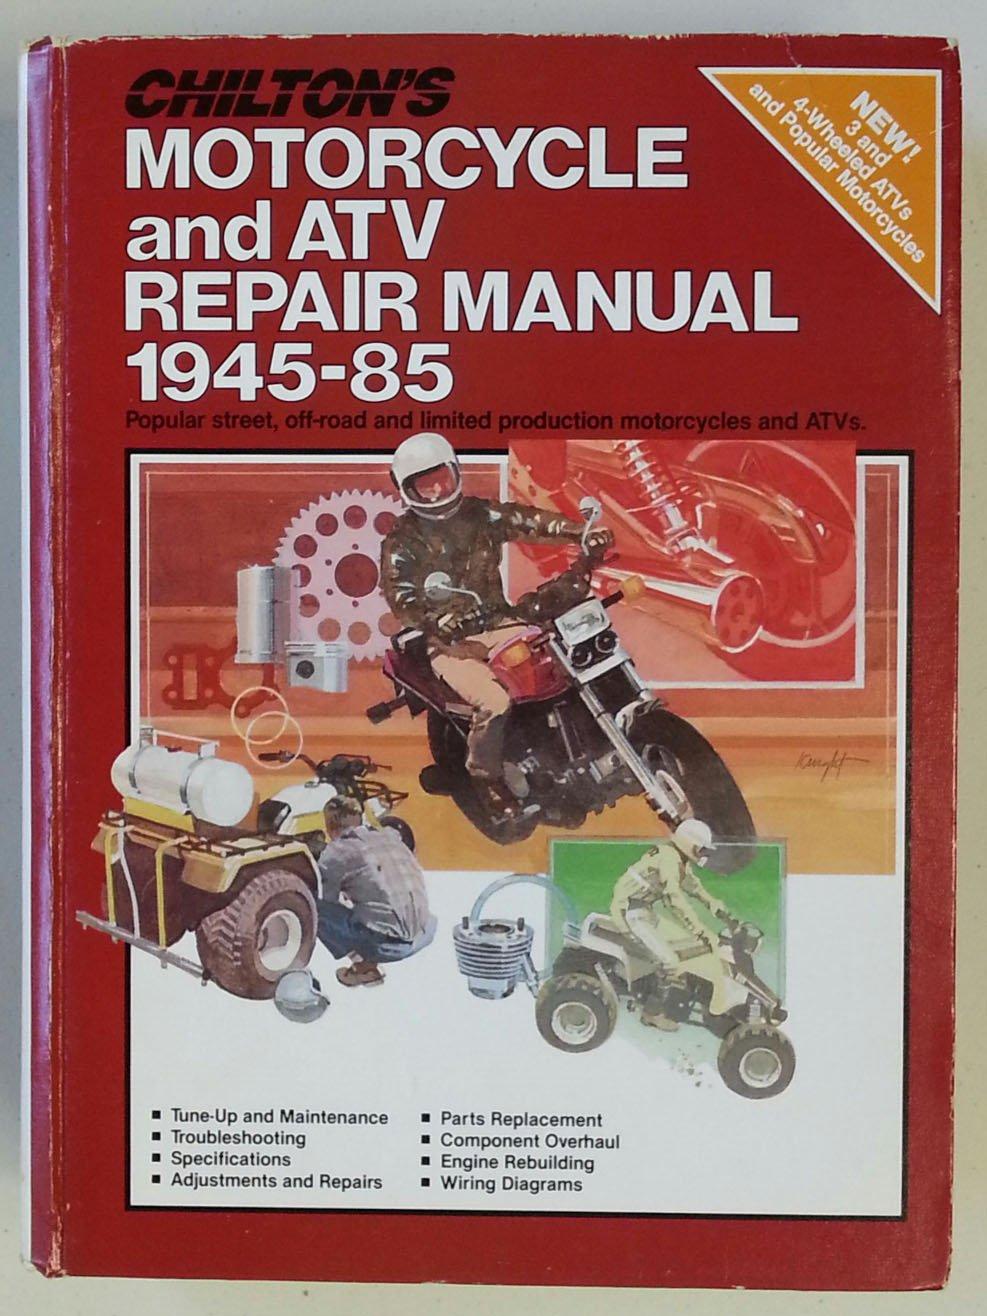 chilton s motorcycle and atv repair manual 1945 85 the nichols rh amazon com Chevy 4x4 Repair Manual Car Repair Manual Online